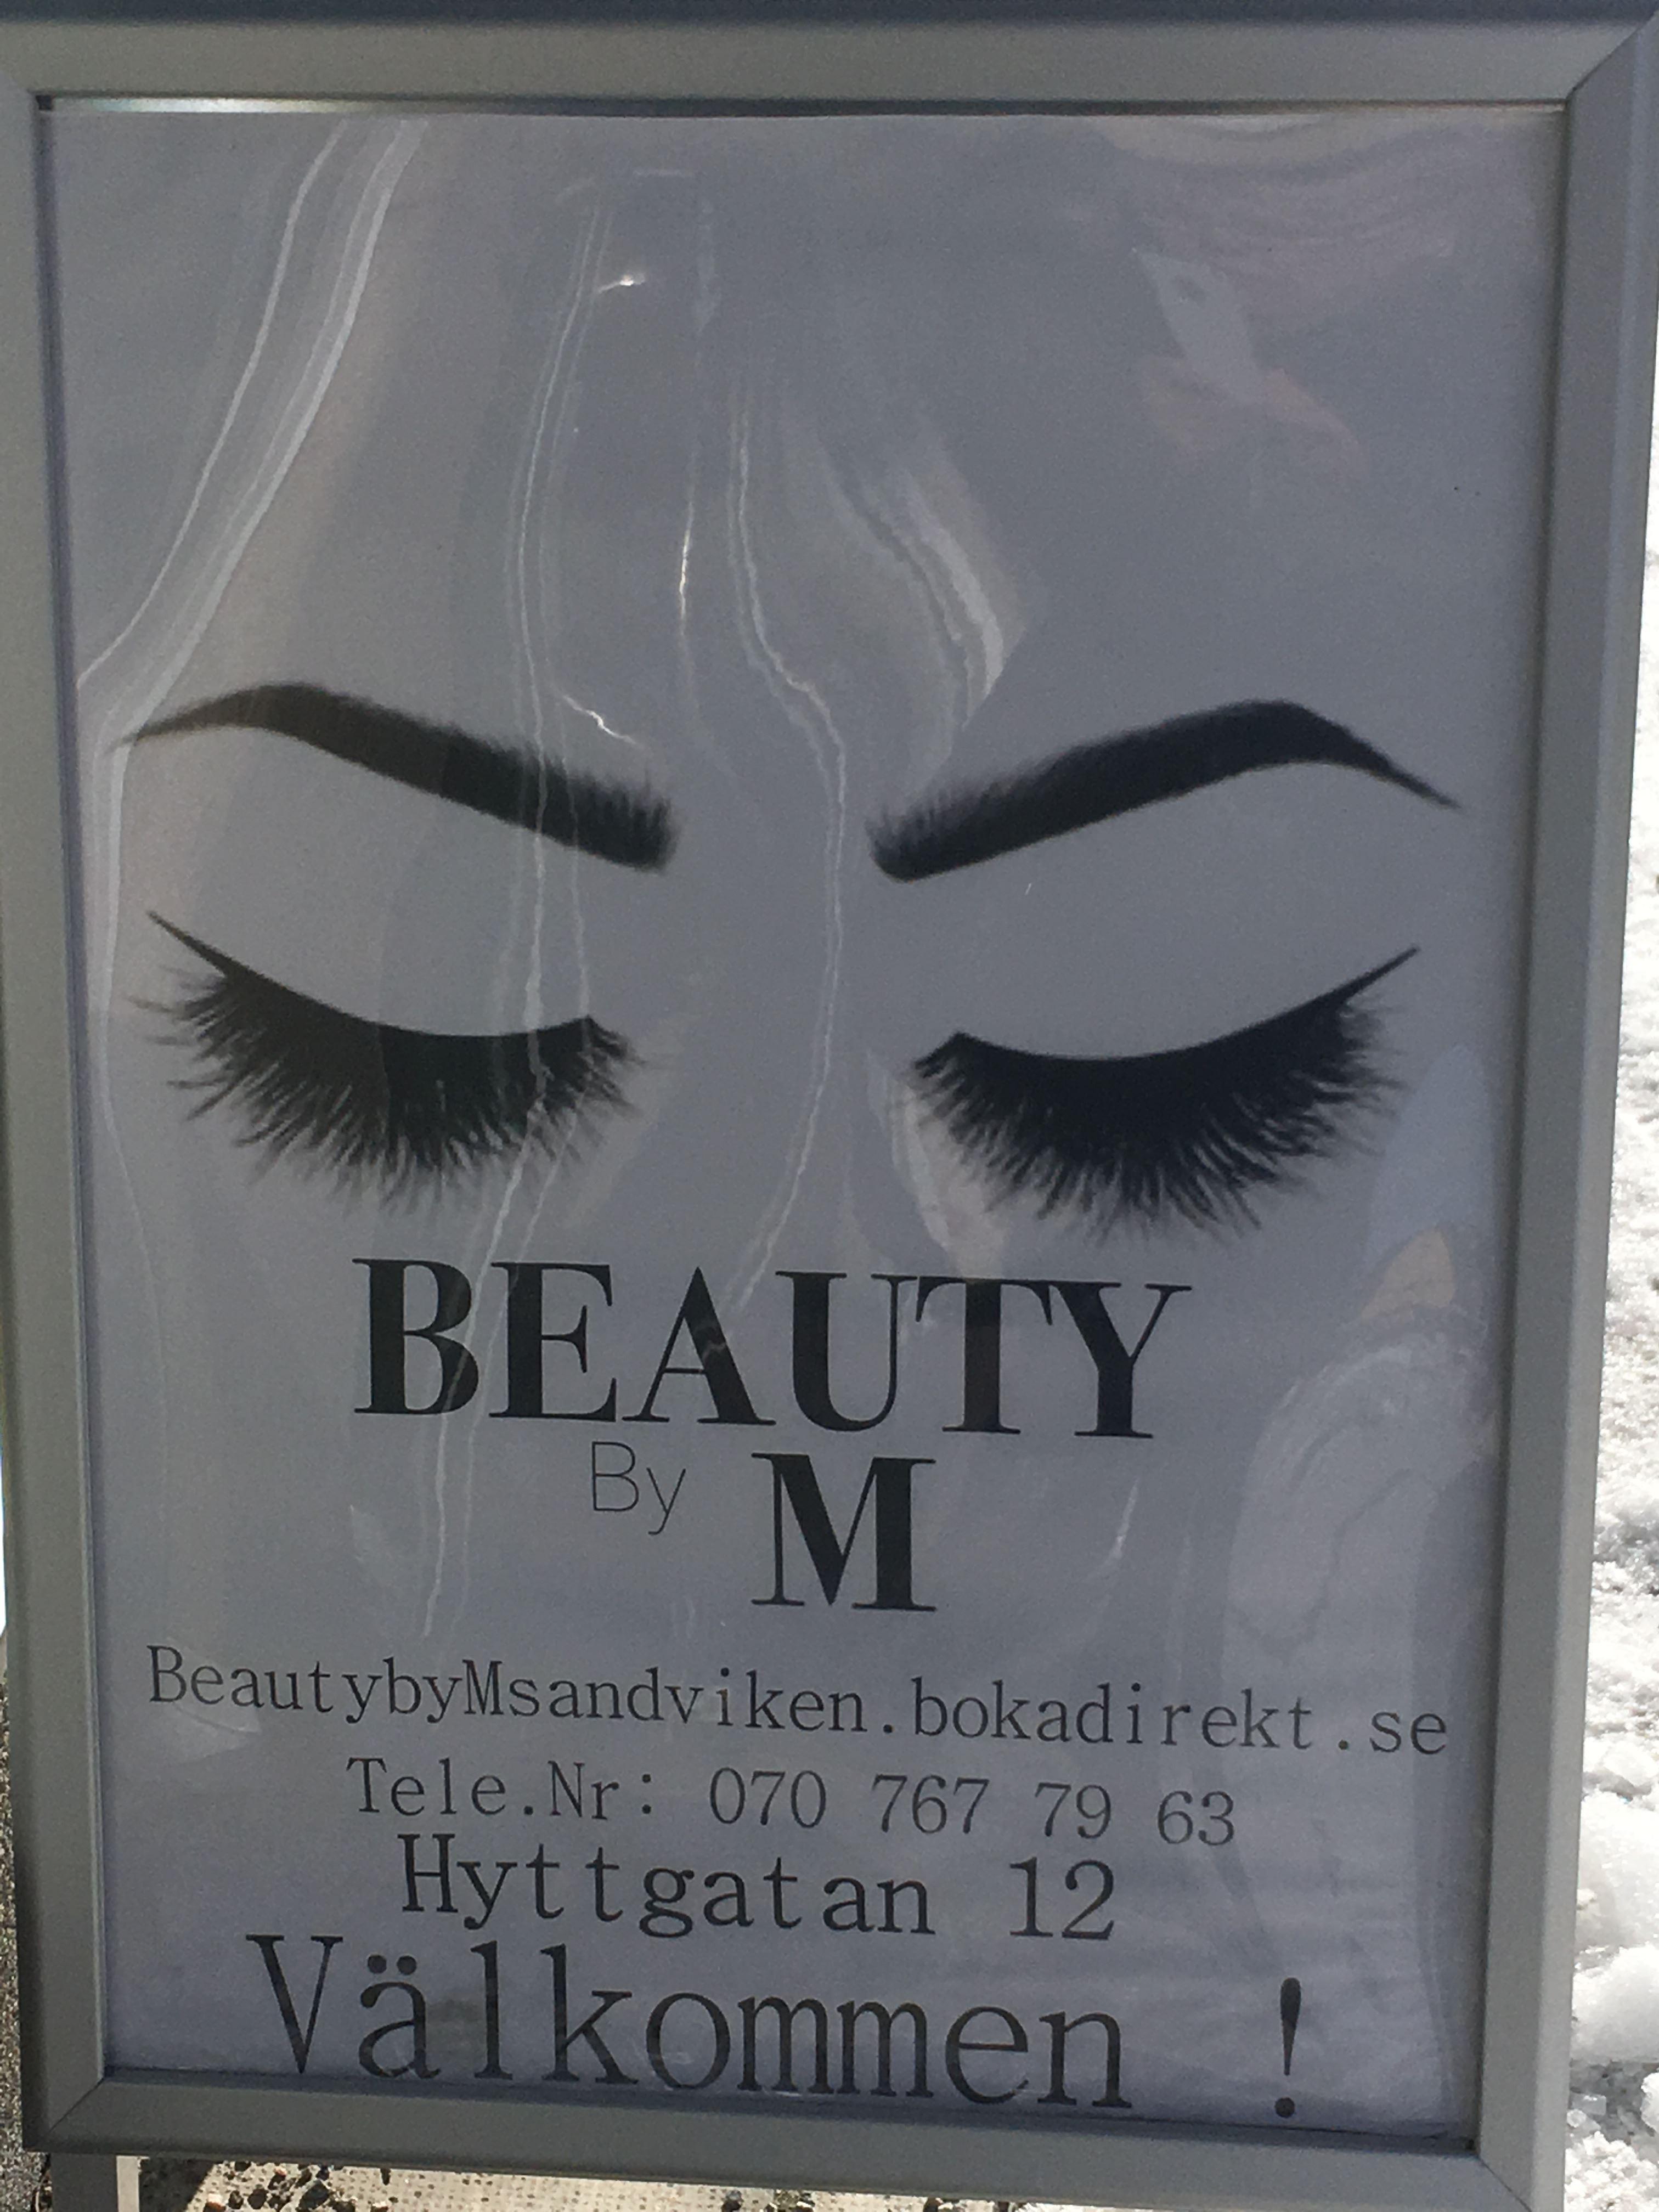 Beauty by M